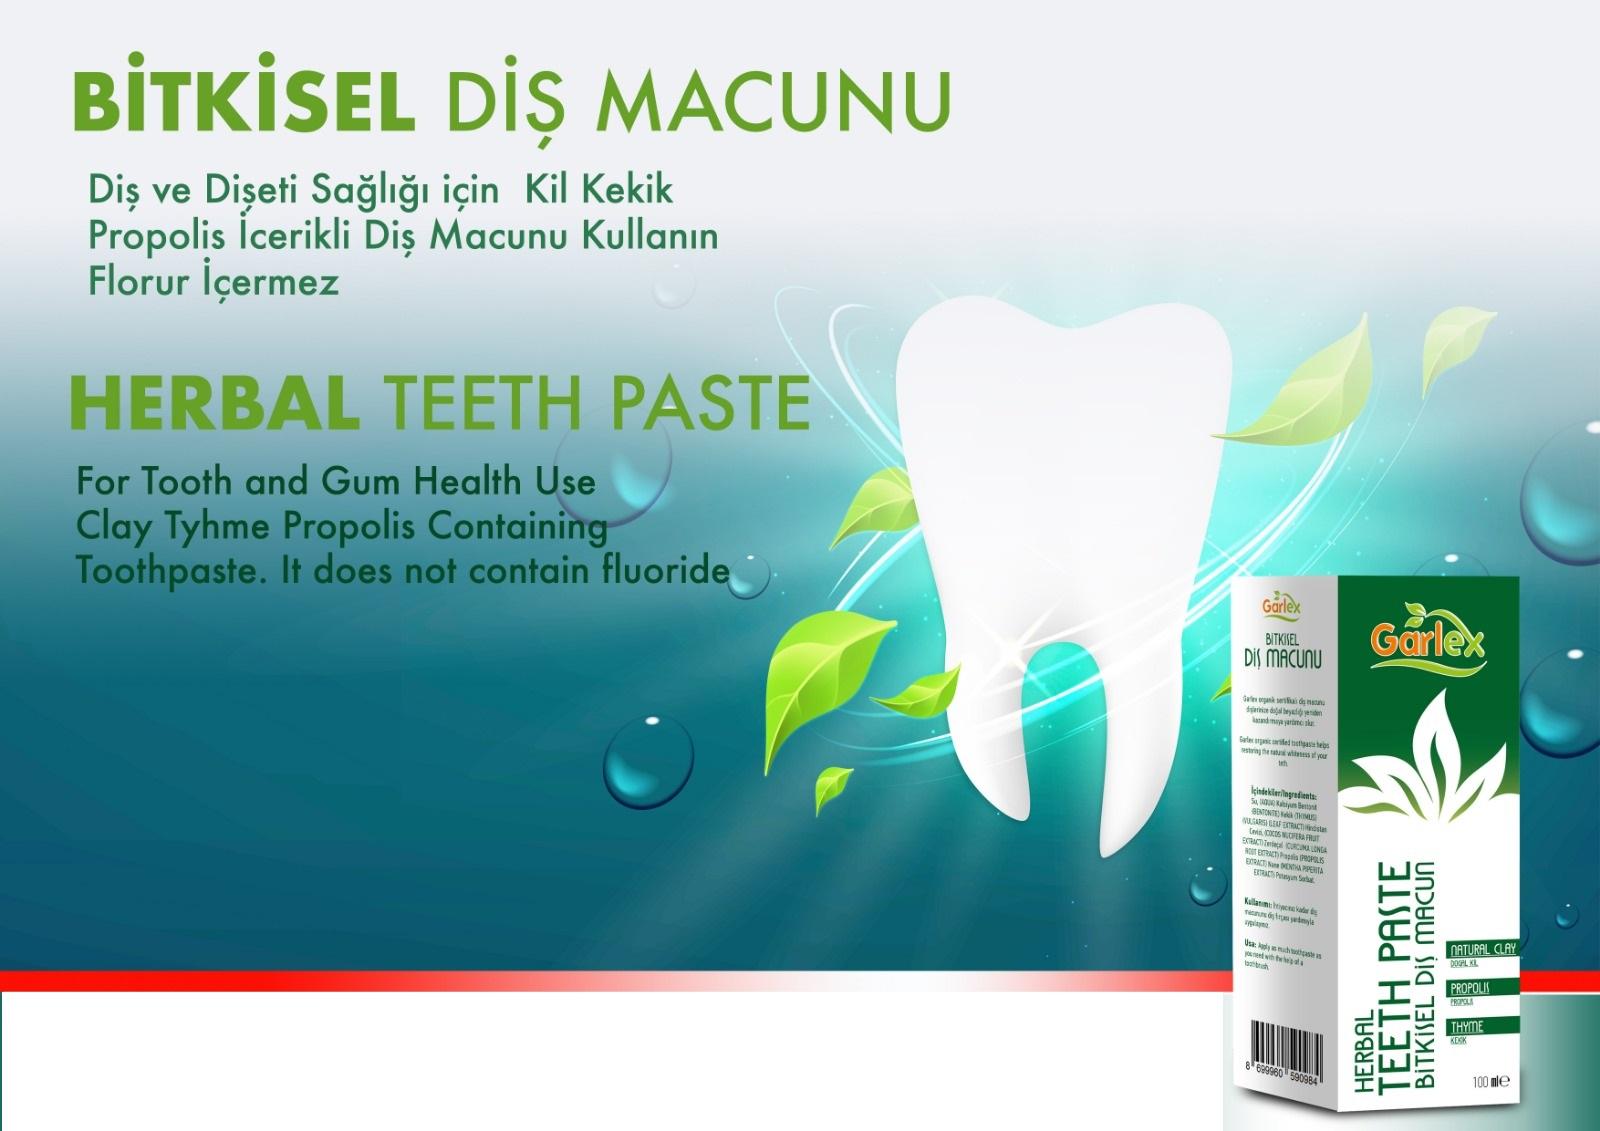 herbal teeth paste